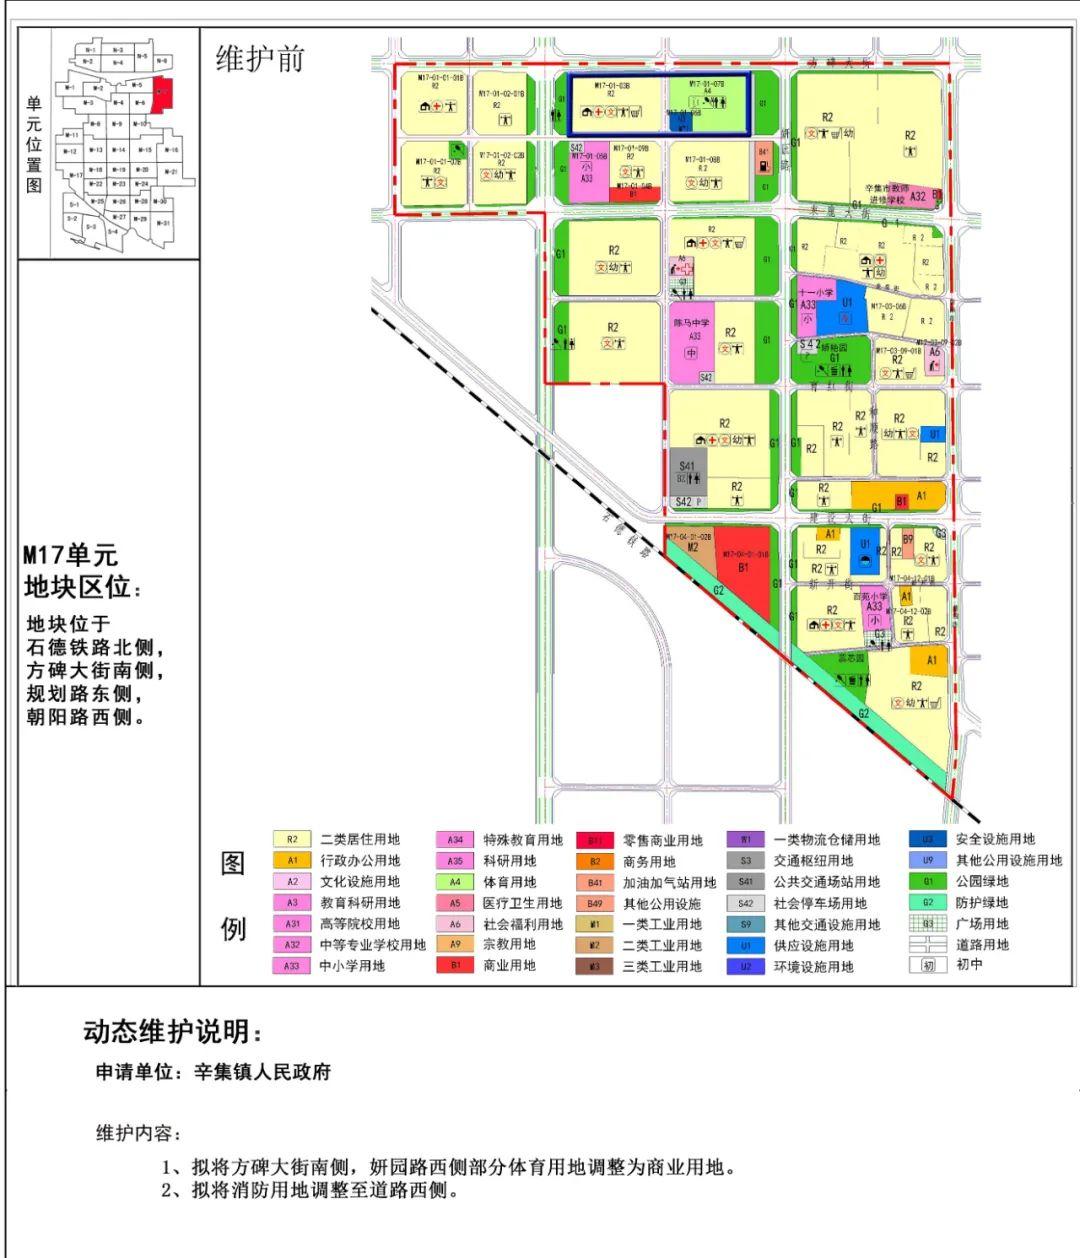 辛集市自然资源和规划局关于中心城区第八批2个单元控制单元动态维护规划方案征求意见的公告